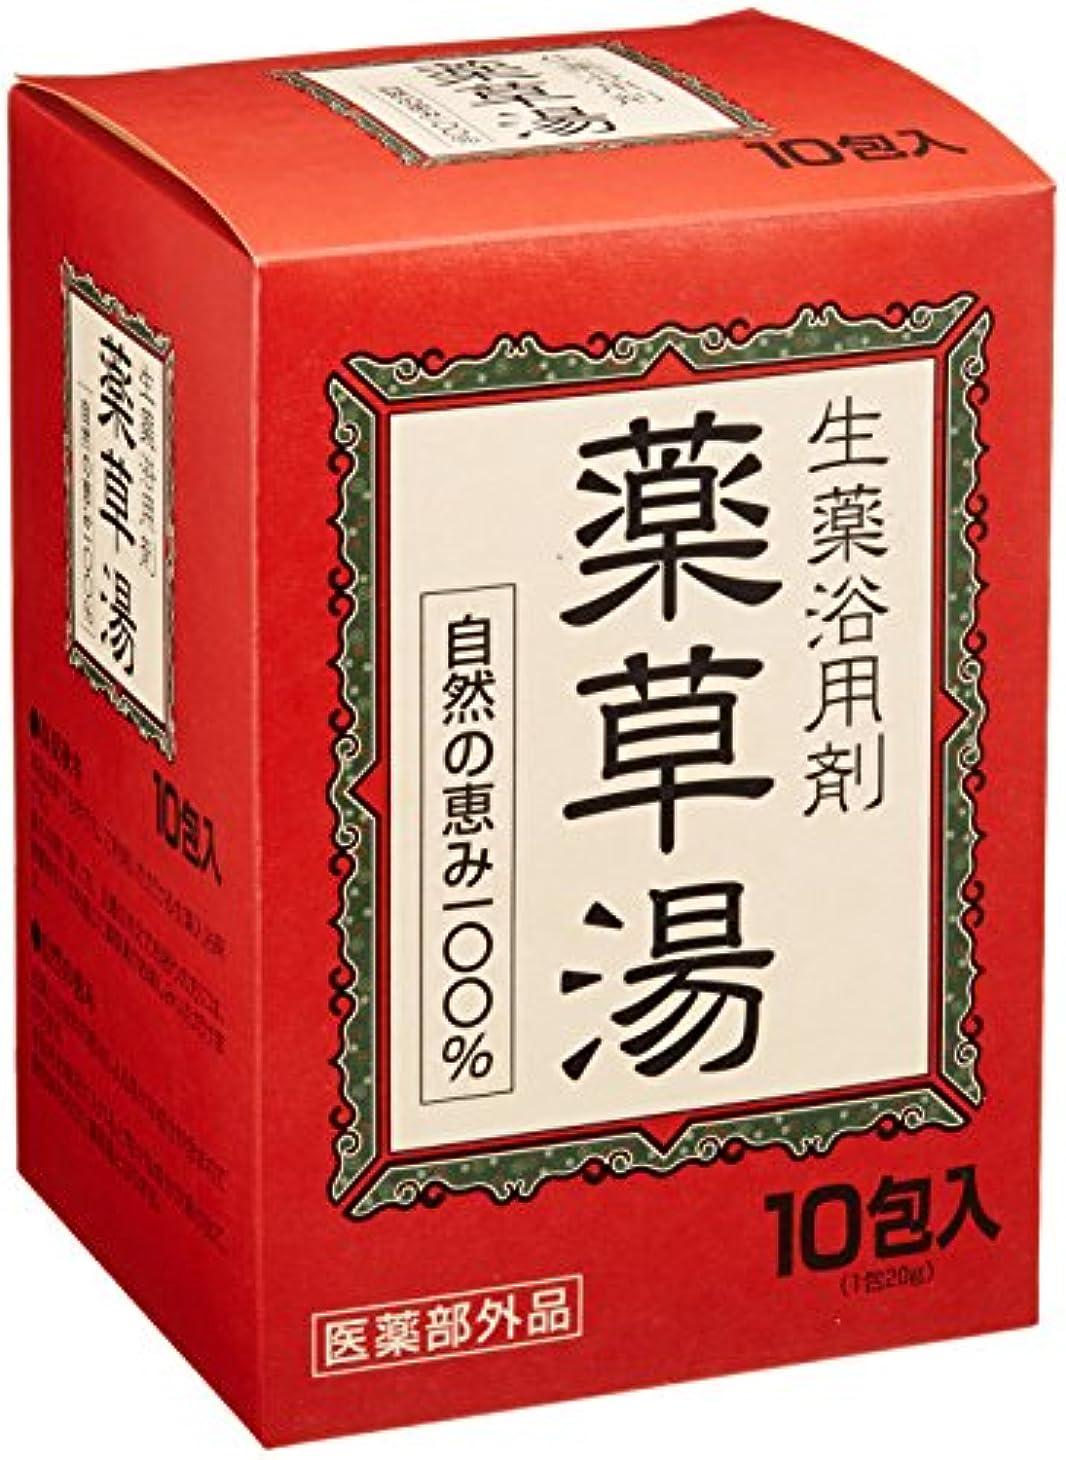 オズワルドジョグ自由生薬浴用剤 薬草湯 10包